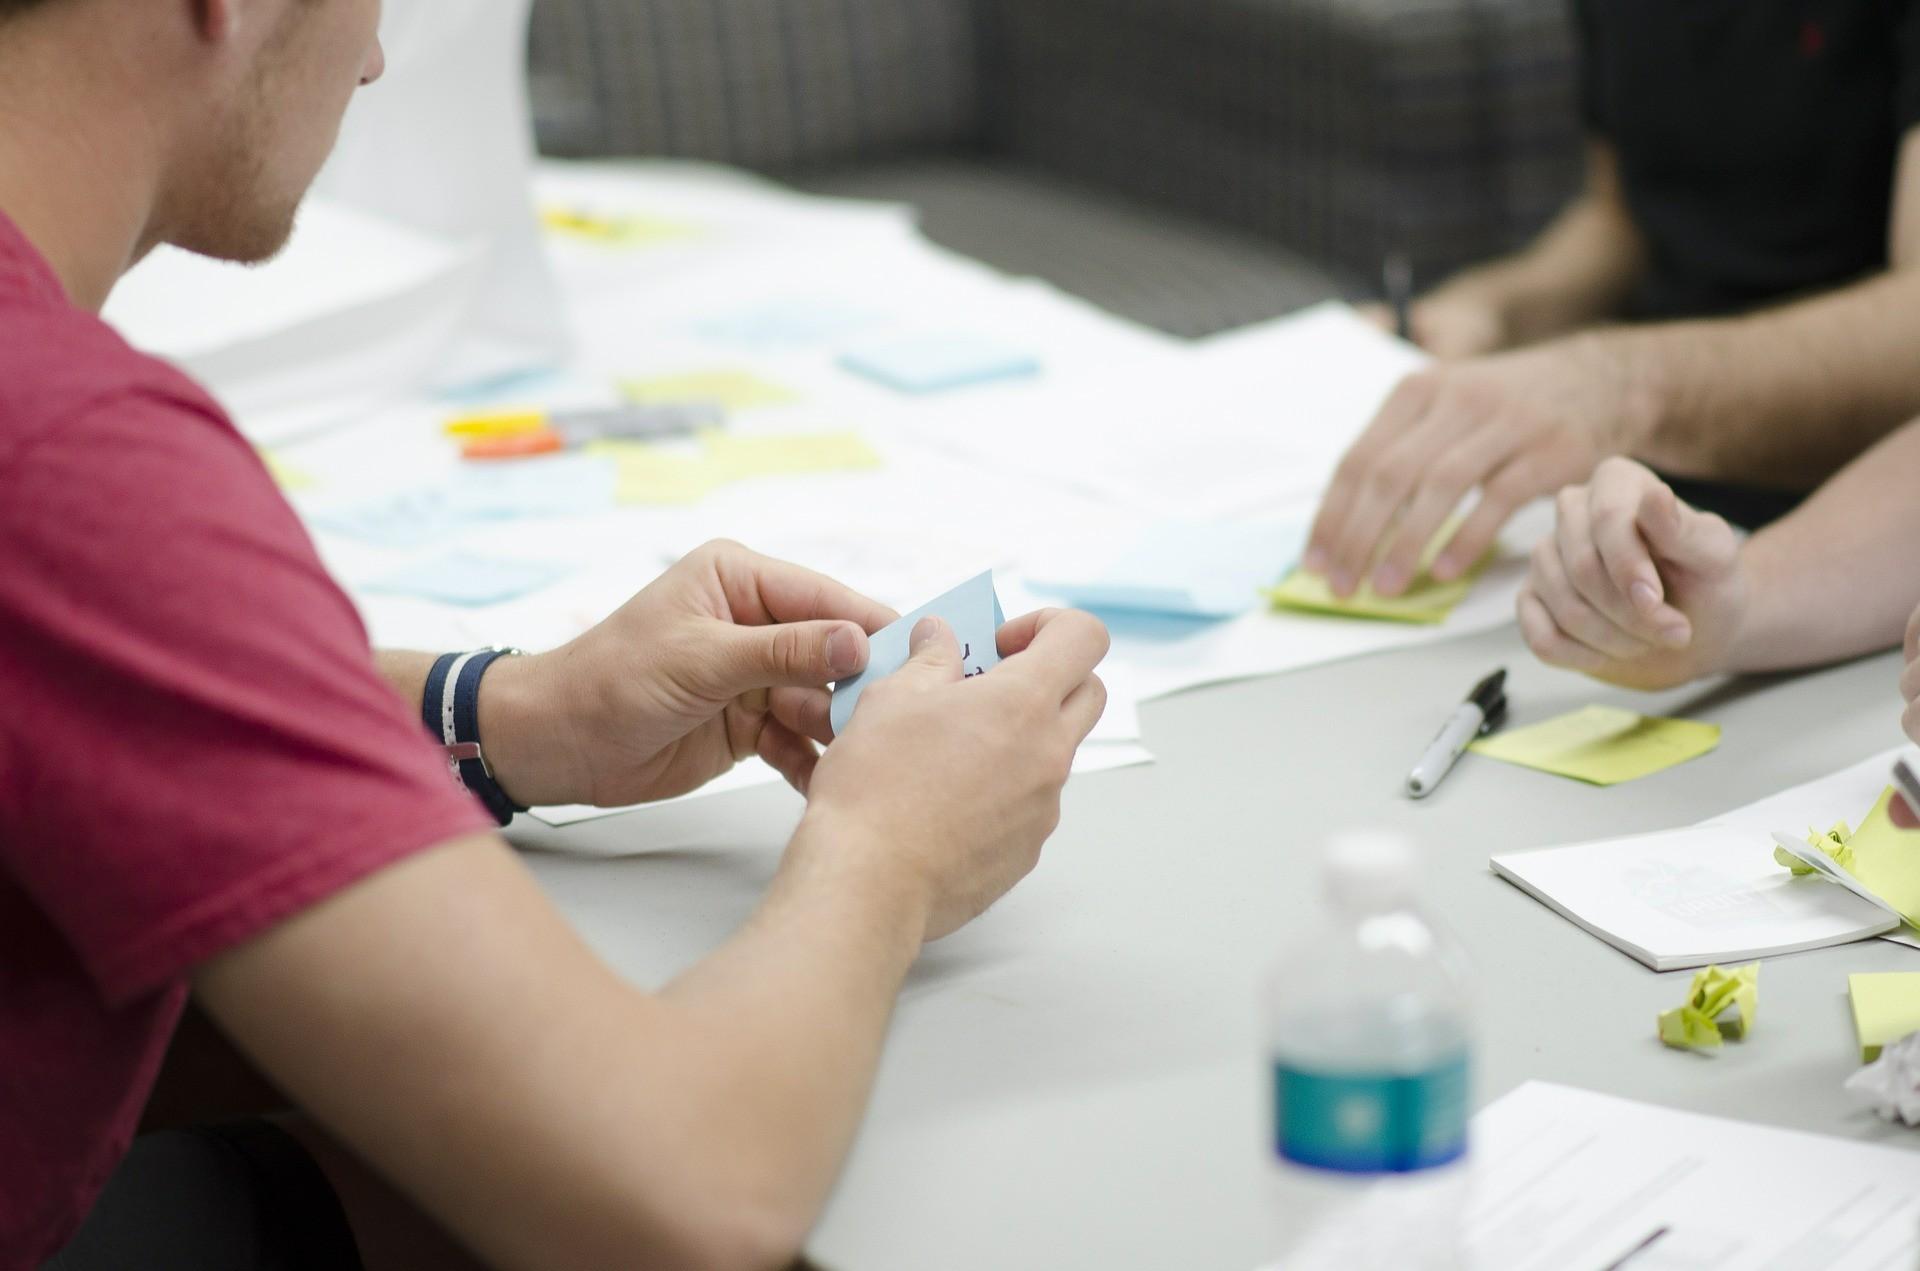 ▲會議,開會,書面資料。(圖/取自免費圖庫Pixabay)